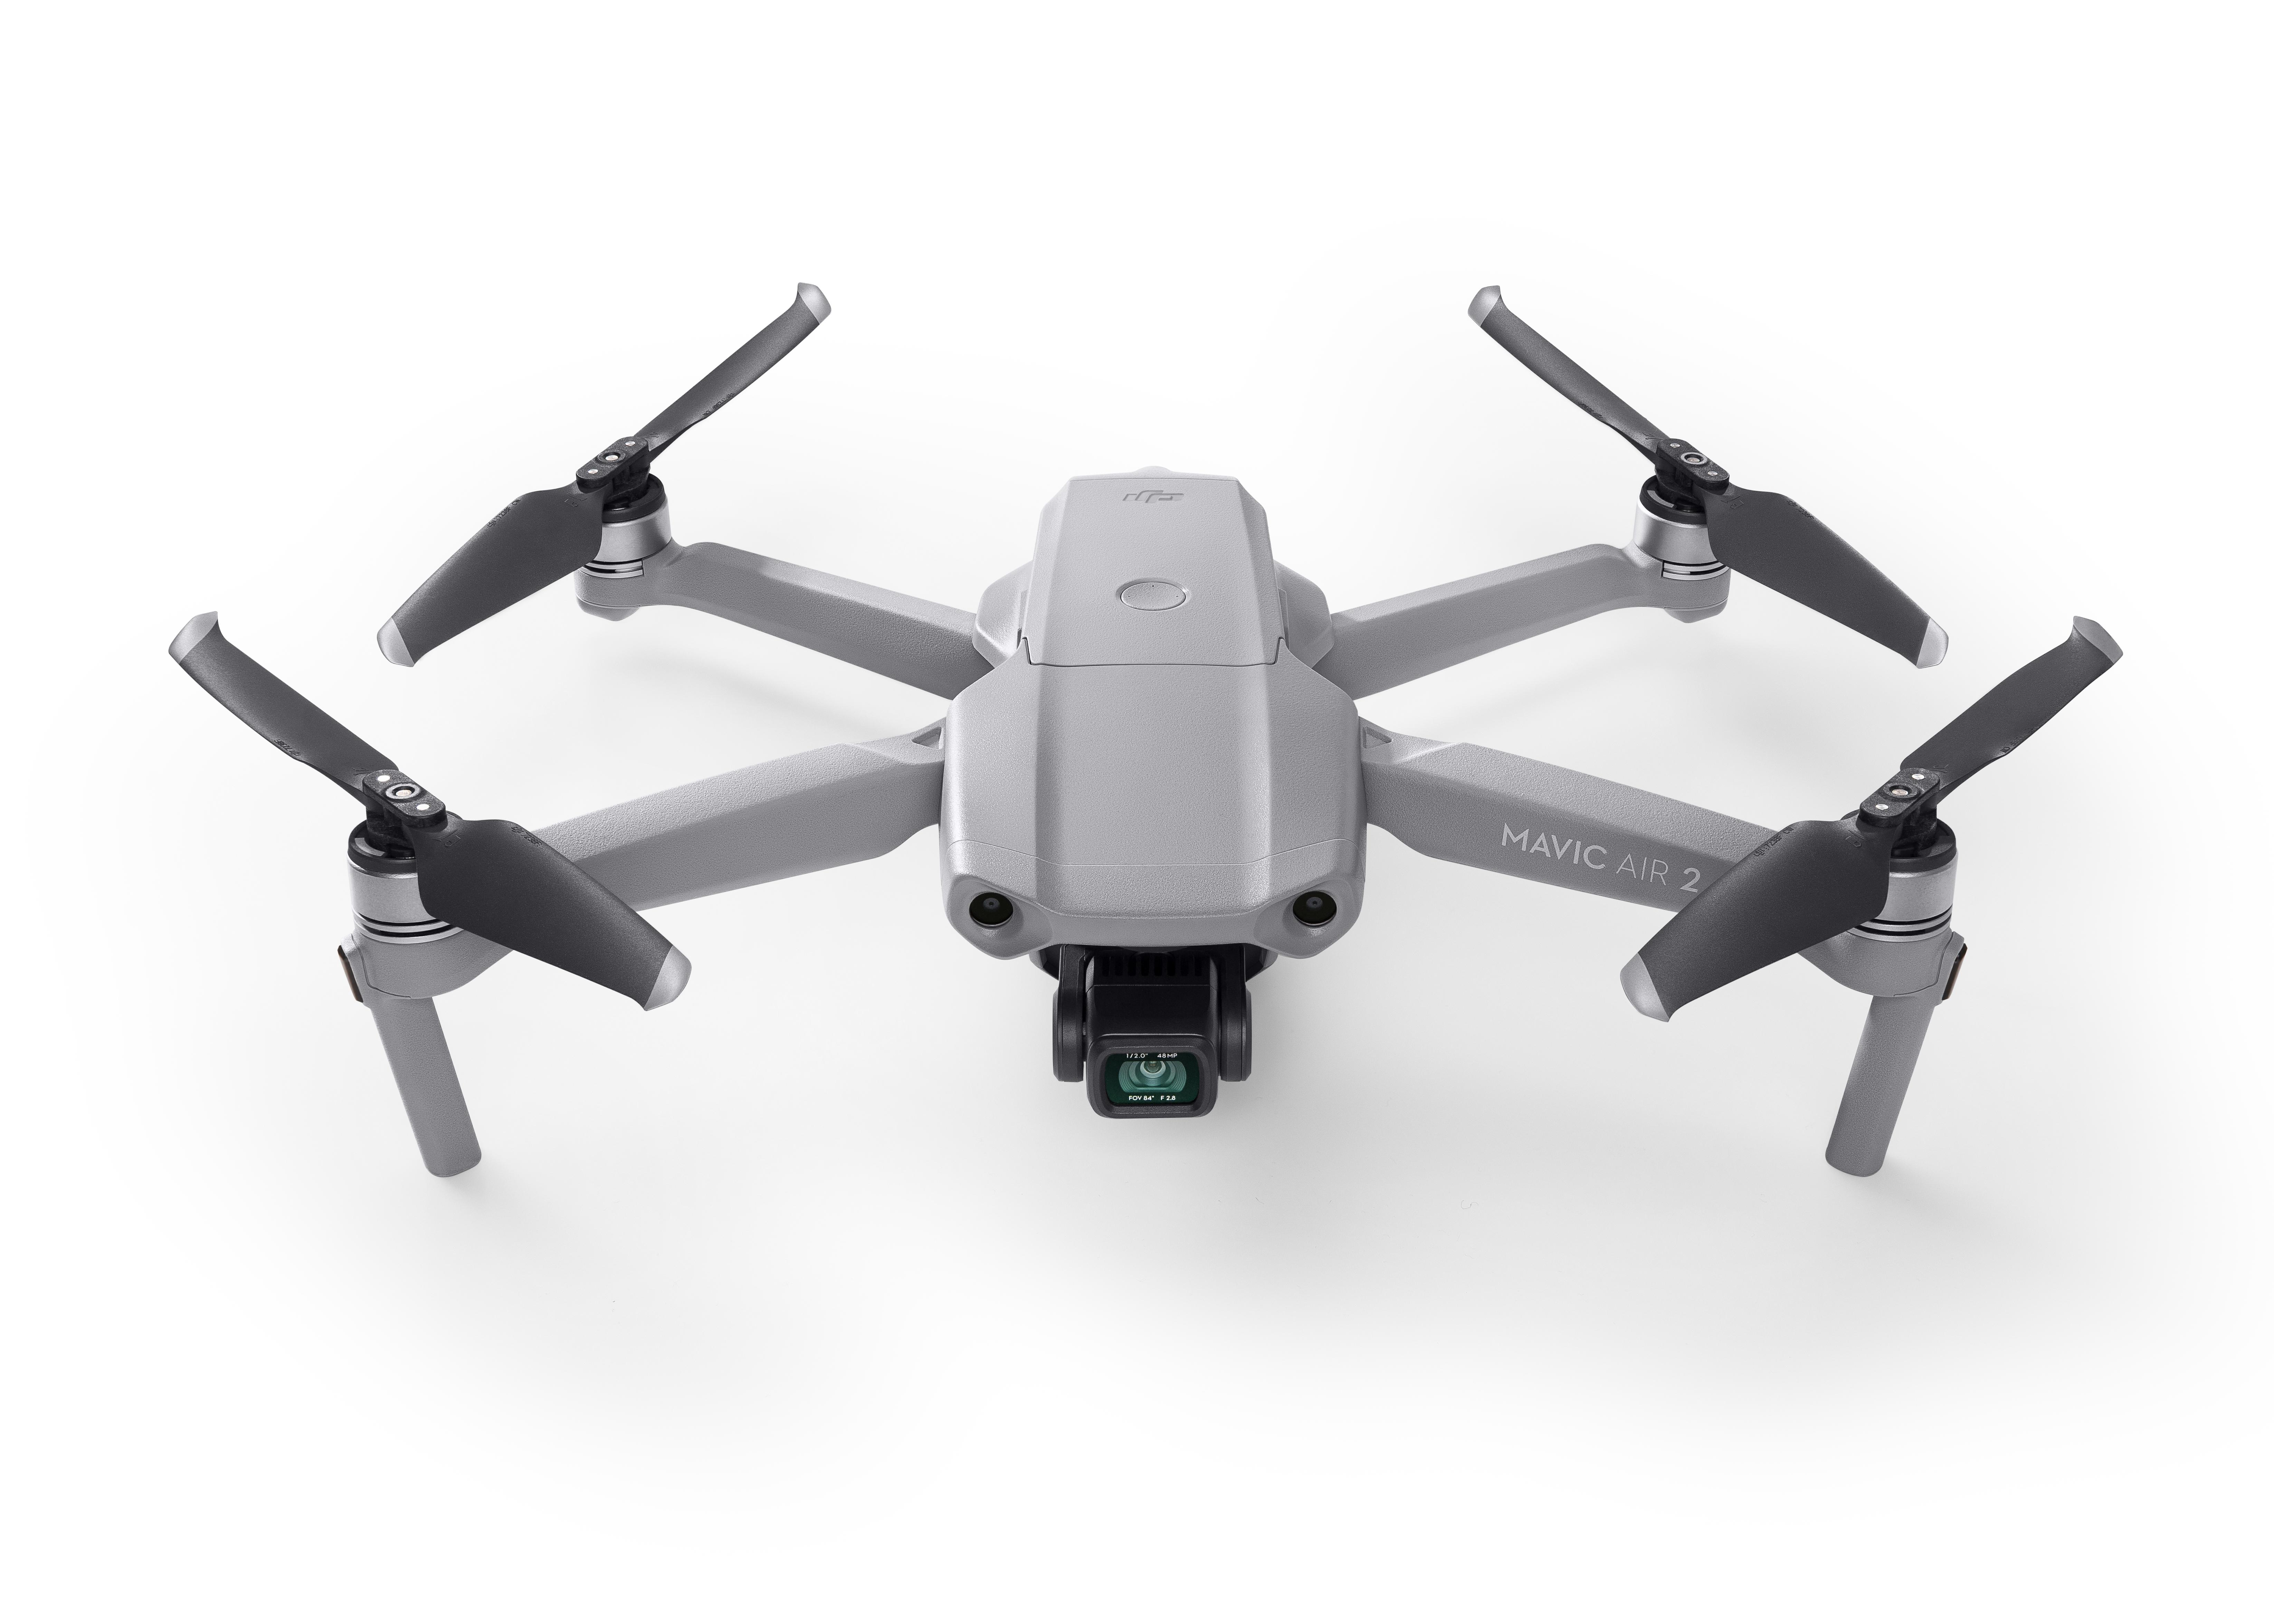 DJI Mavic Air 2 - 4 Rotoren - 48 MP - 3840 x 2160 Pixel - 19 m/s - 3500 mAh - Grau